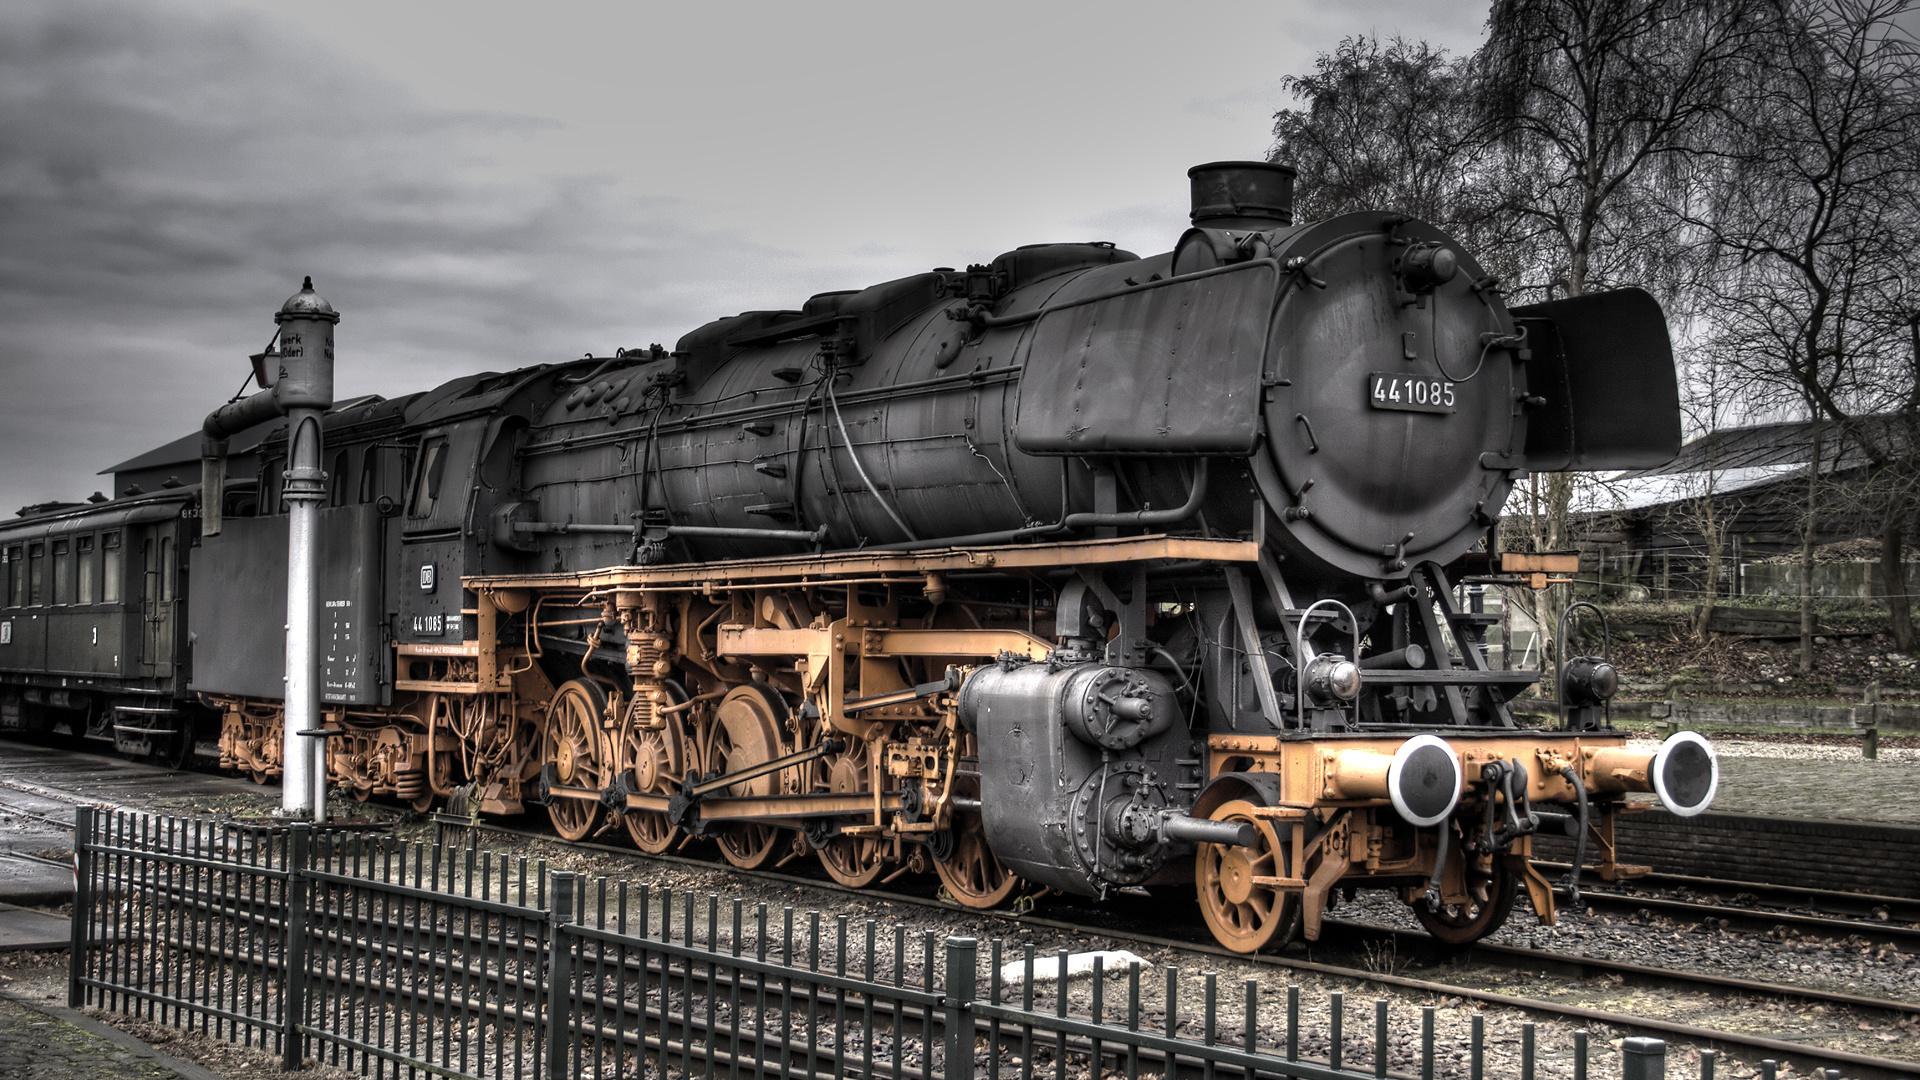 Игольницы, картинки с поездами